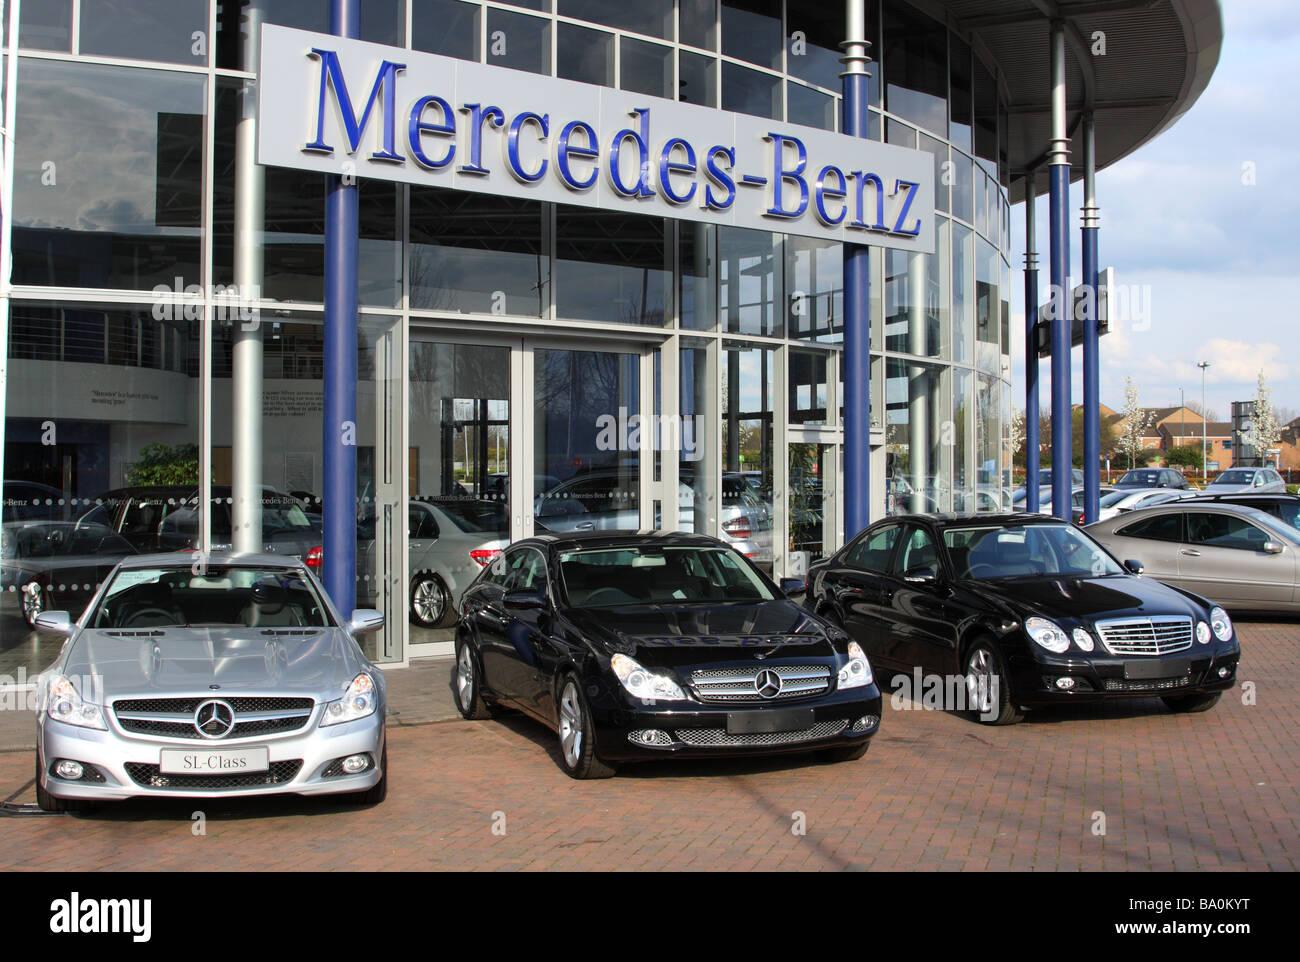 A Mercedes-Benz dealership in a U.K. city. Stock Photo